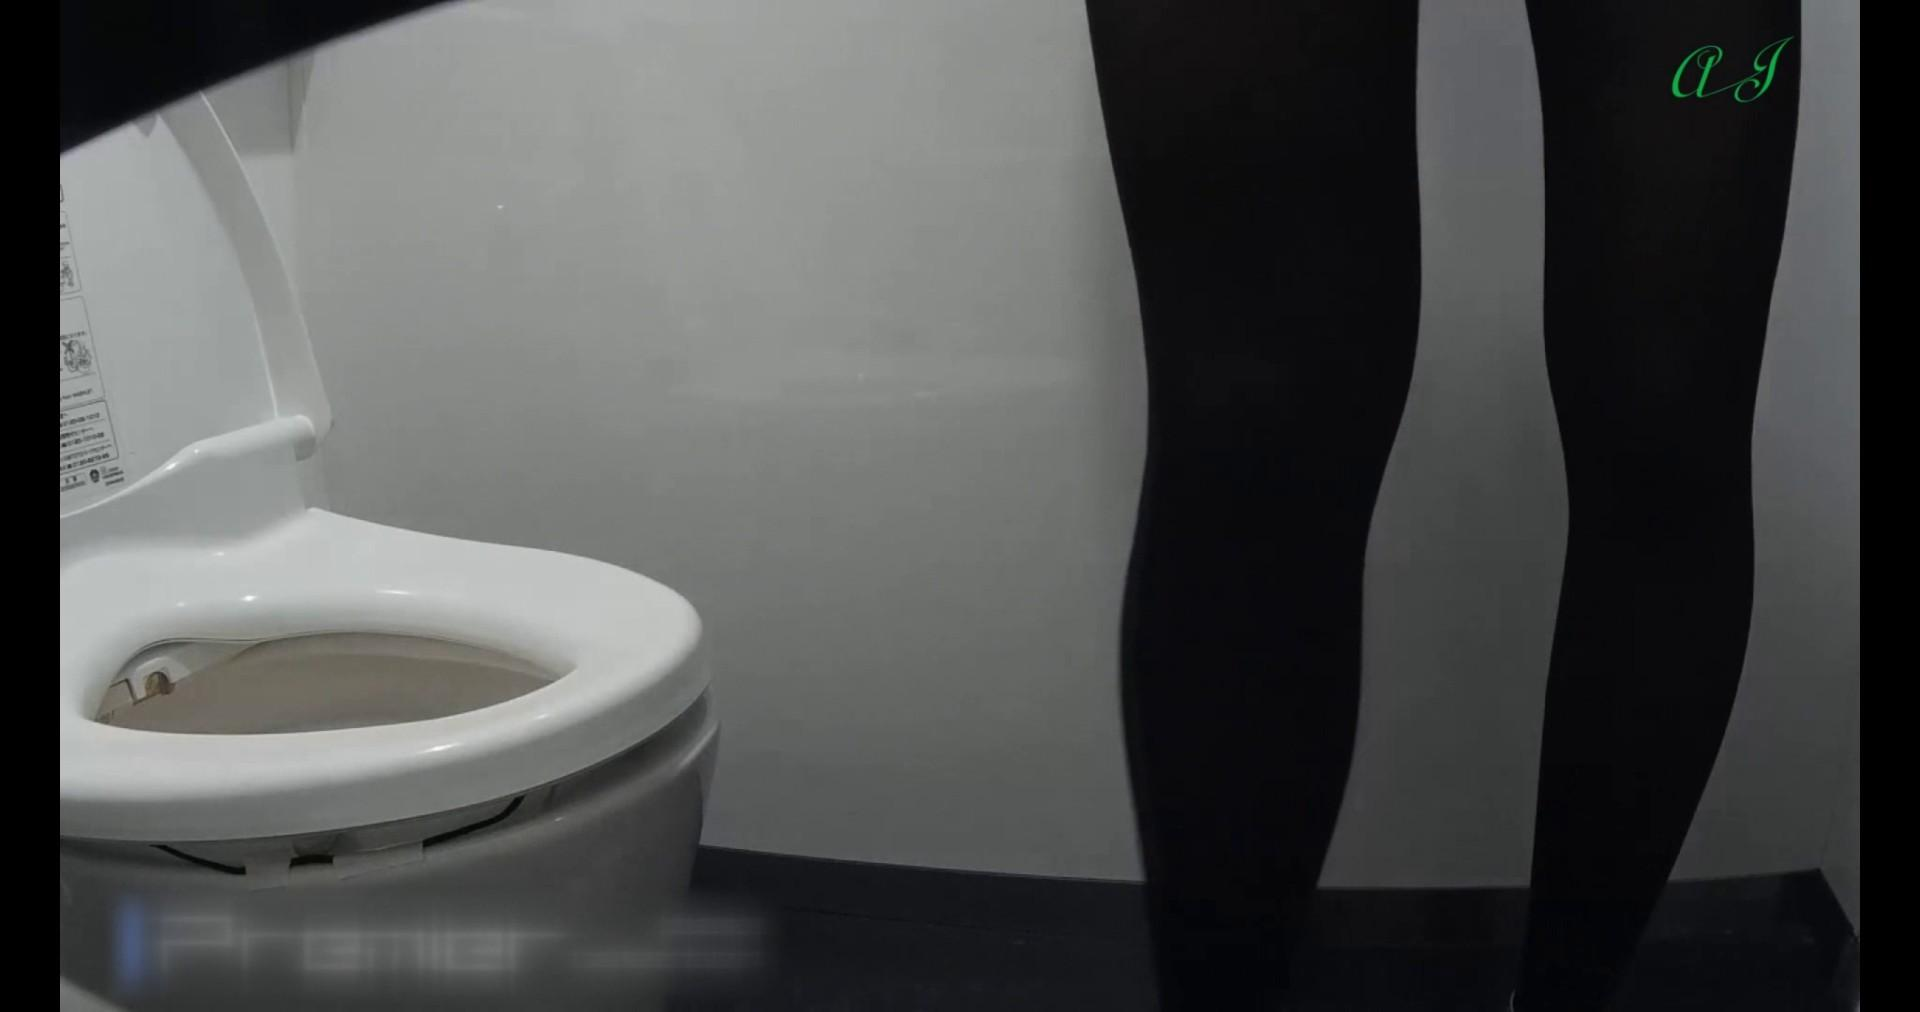 【某有名大学女性洗面所】有名大学女性洗面所 vol.74 後編 潜入突撃  81pic 12